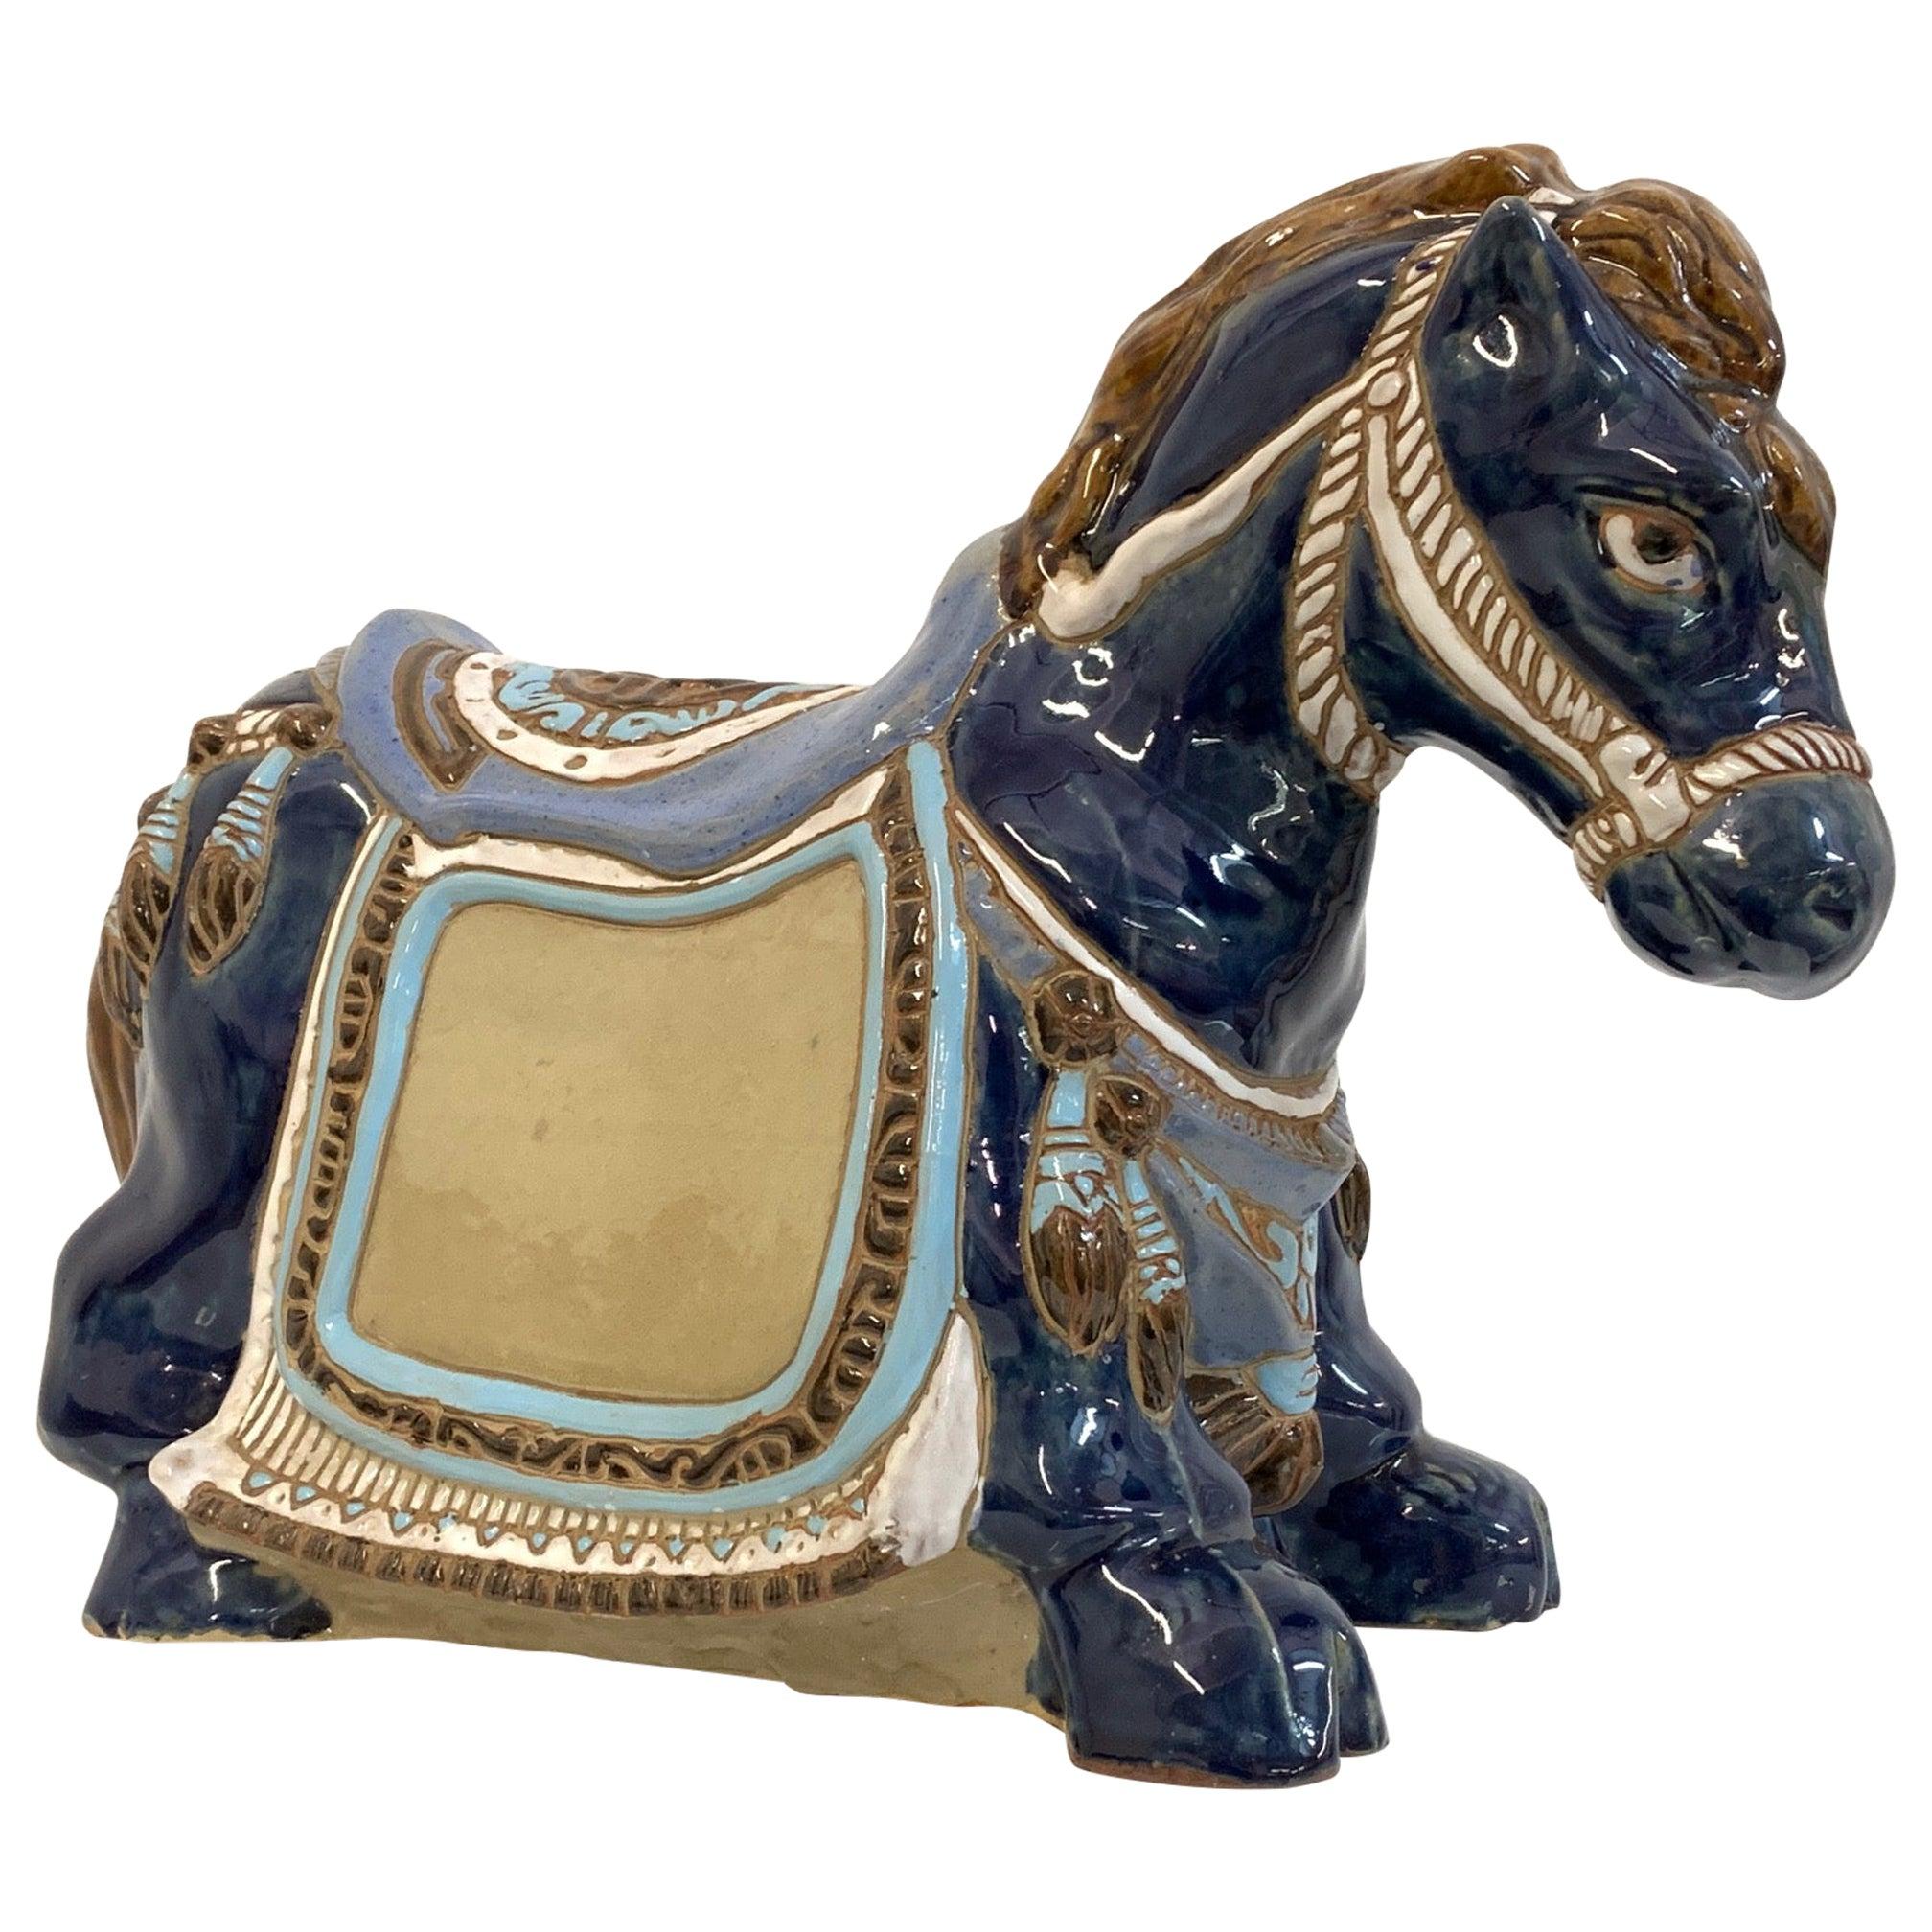 Ceramic Horse Statue Figurine